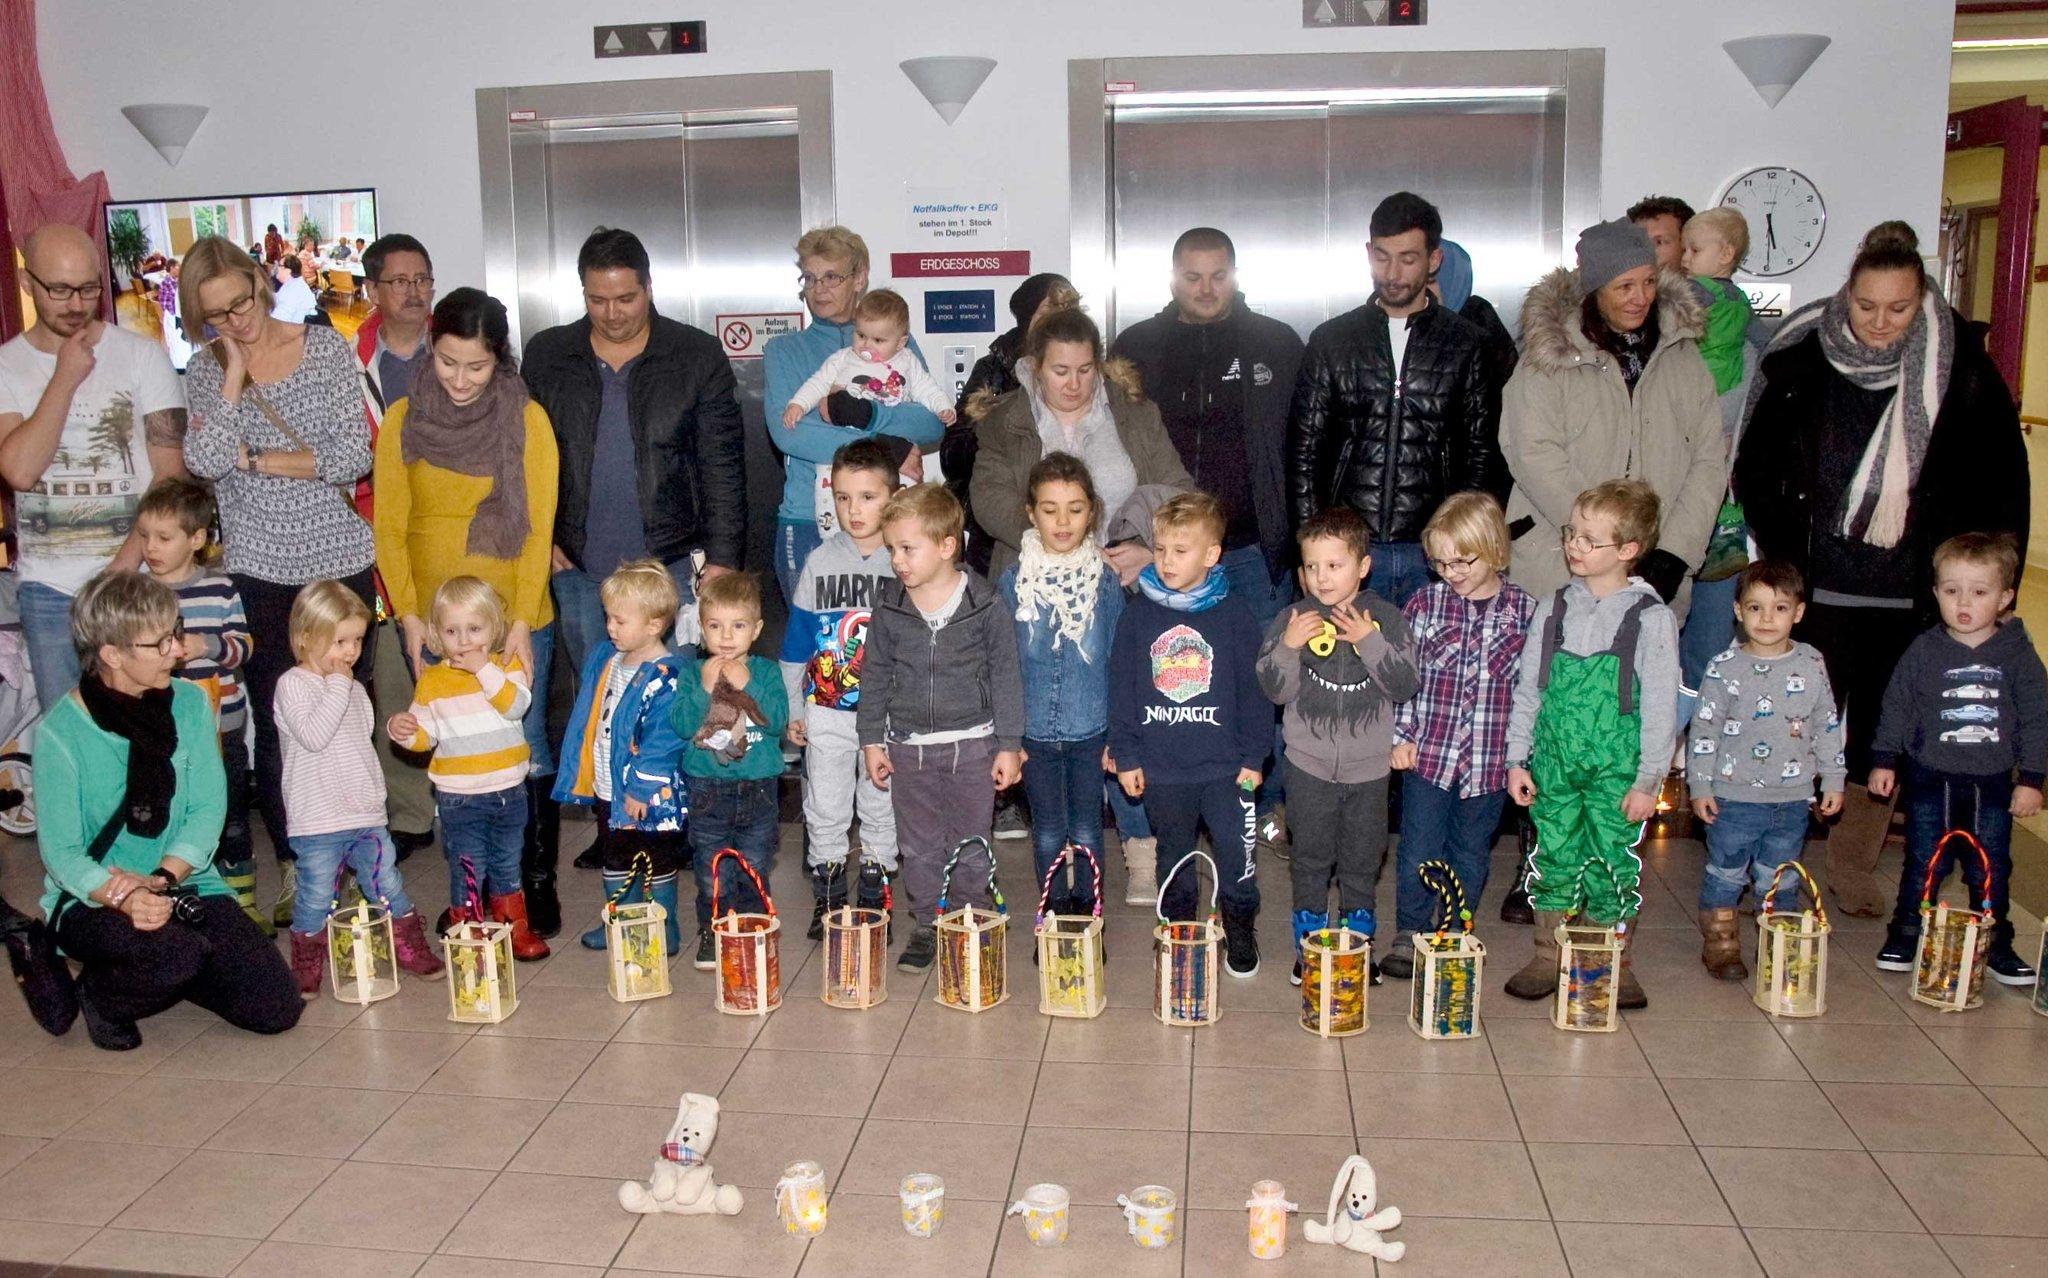 Pflege- und Betreuungszentrum Pottendorf feiert mit Kindergartenkindern das Laternenfest - meinbezirk.at